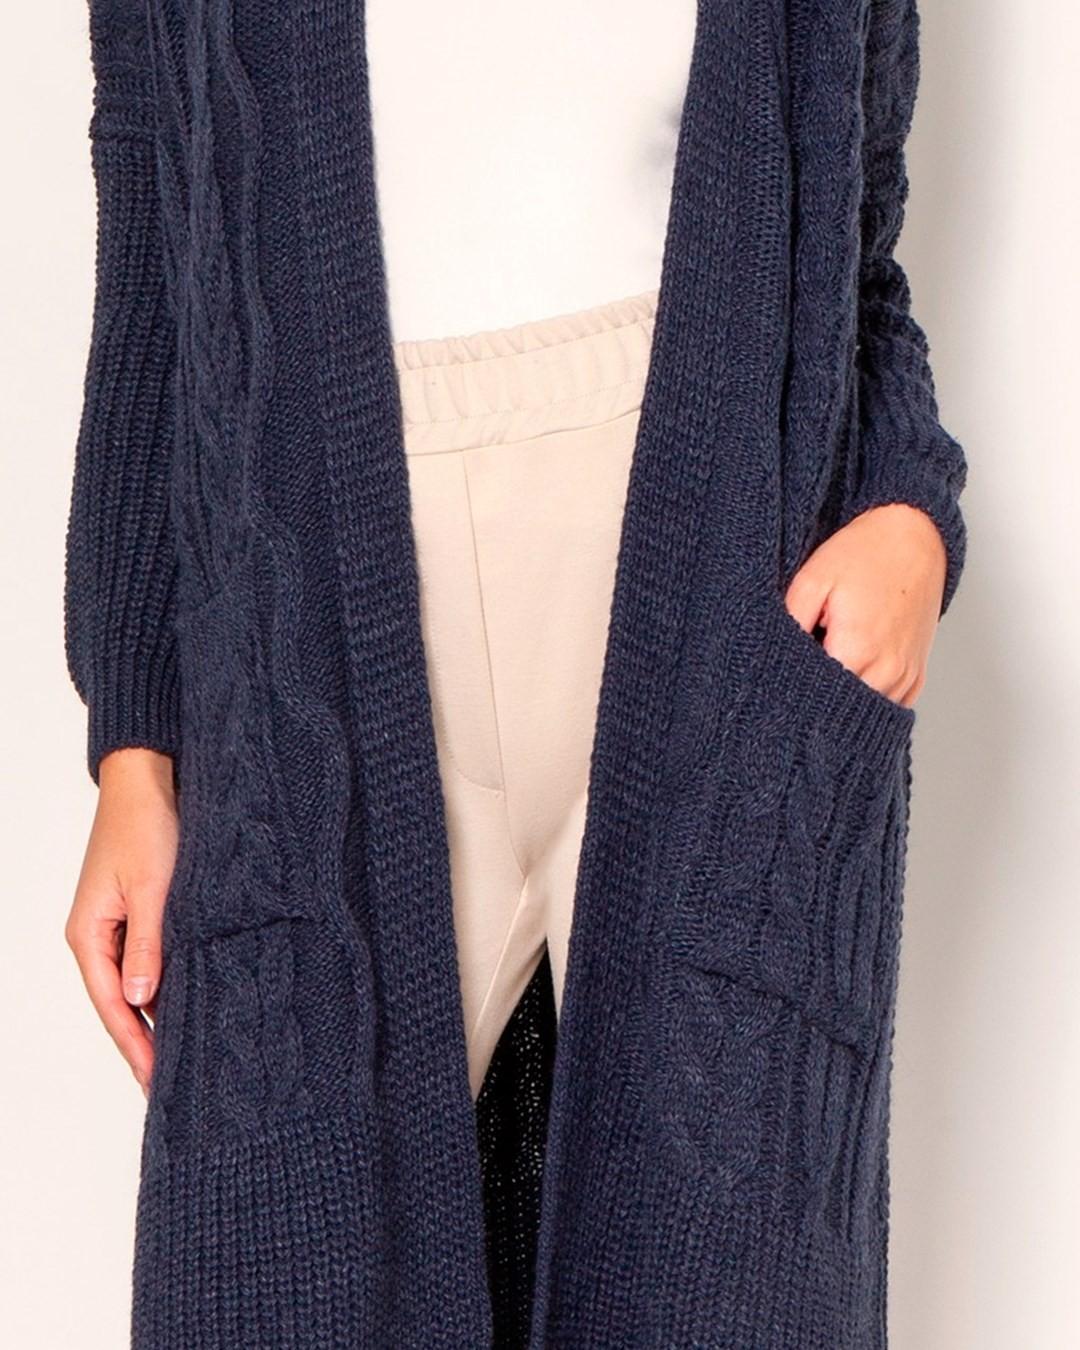 Czy ma kieszenie? OCZYWIŚCIE. #wool #cardigan #sweaterweathe #ootd #style #stylish #1960